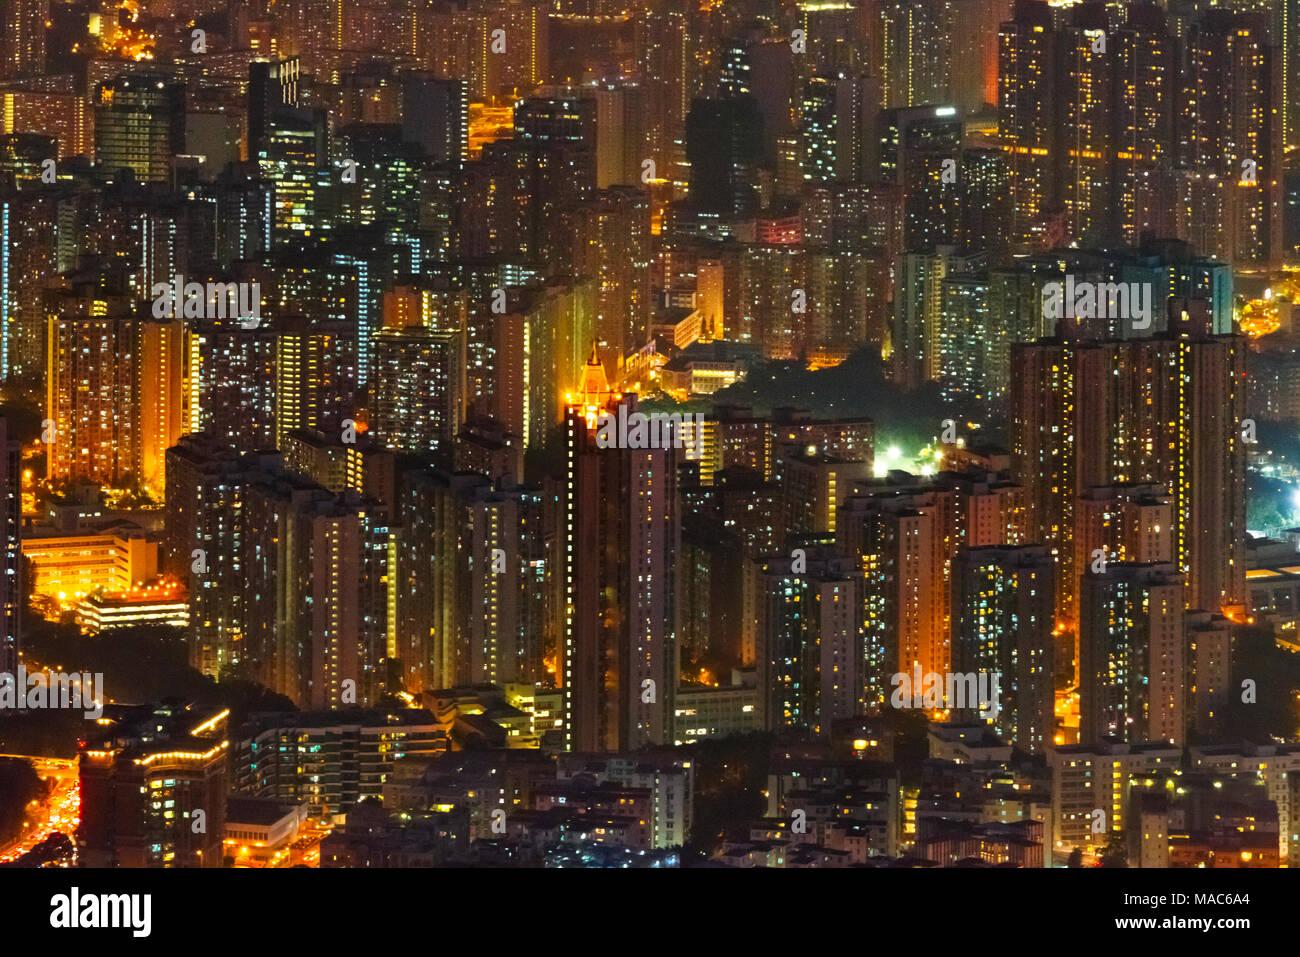 Aerial view of high rises at dusk, Hong Kong, China - Stock Image